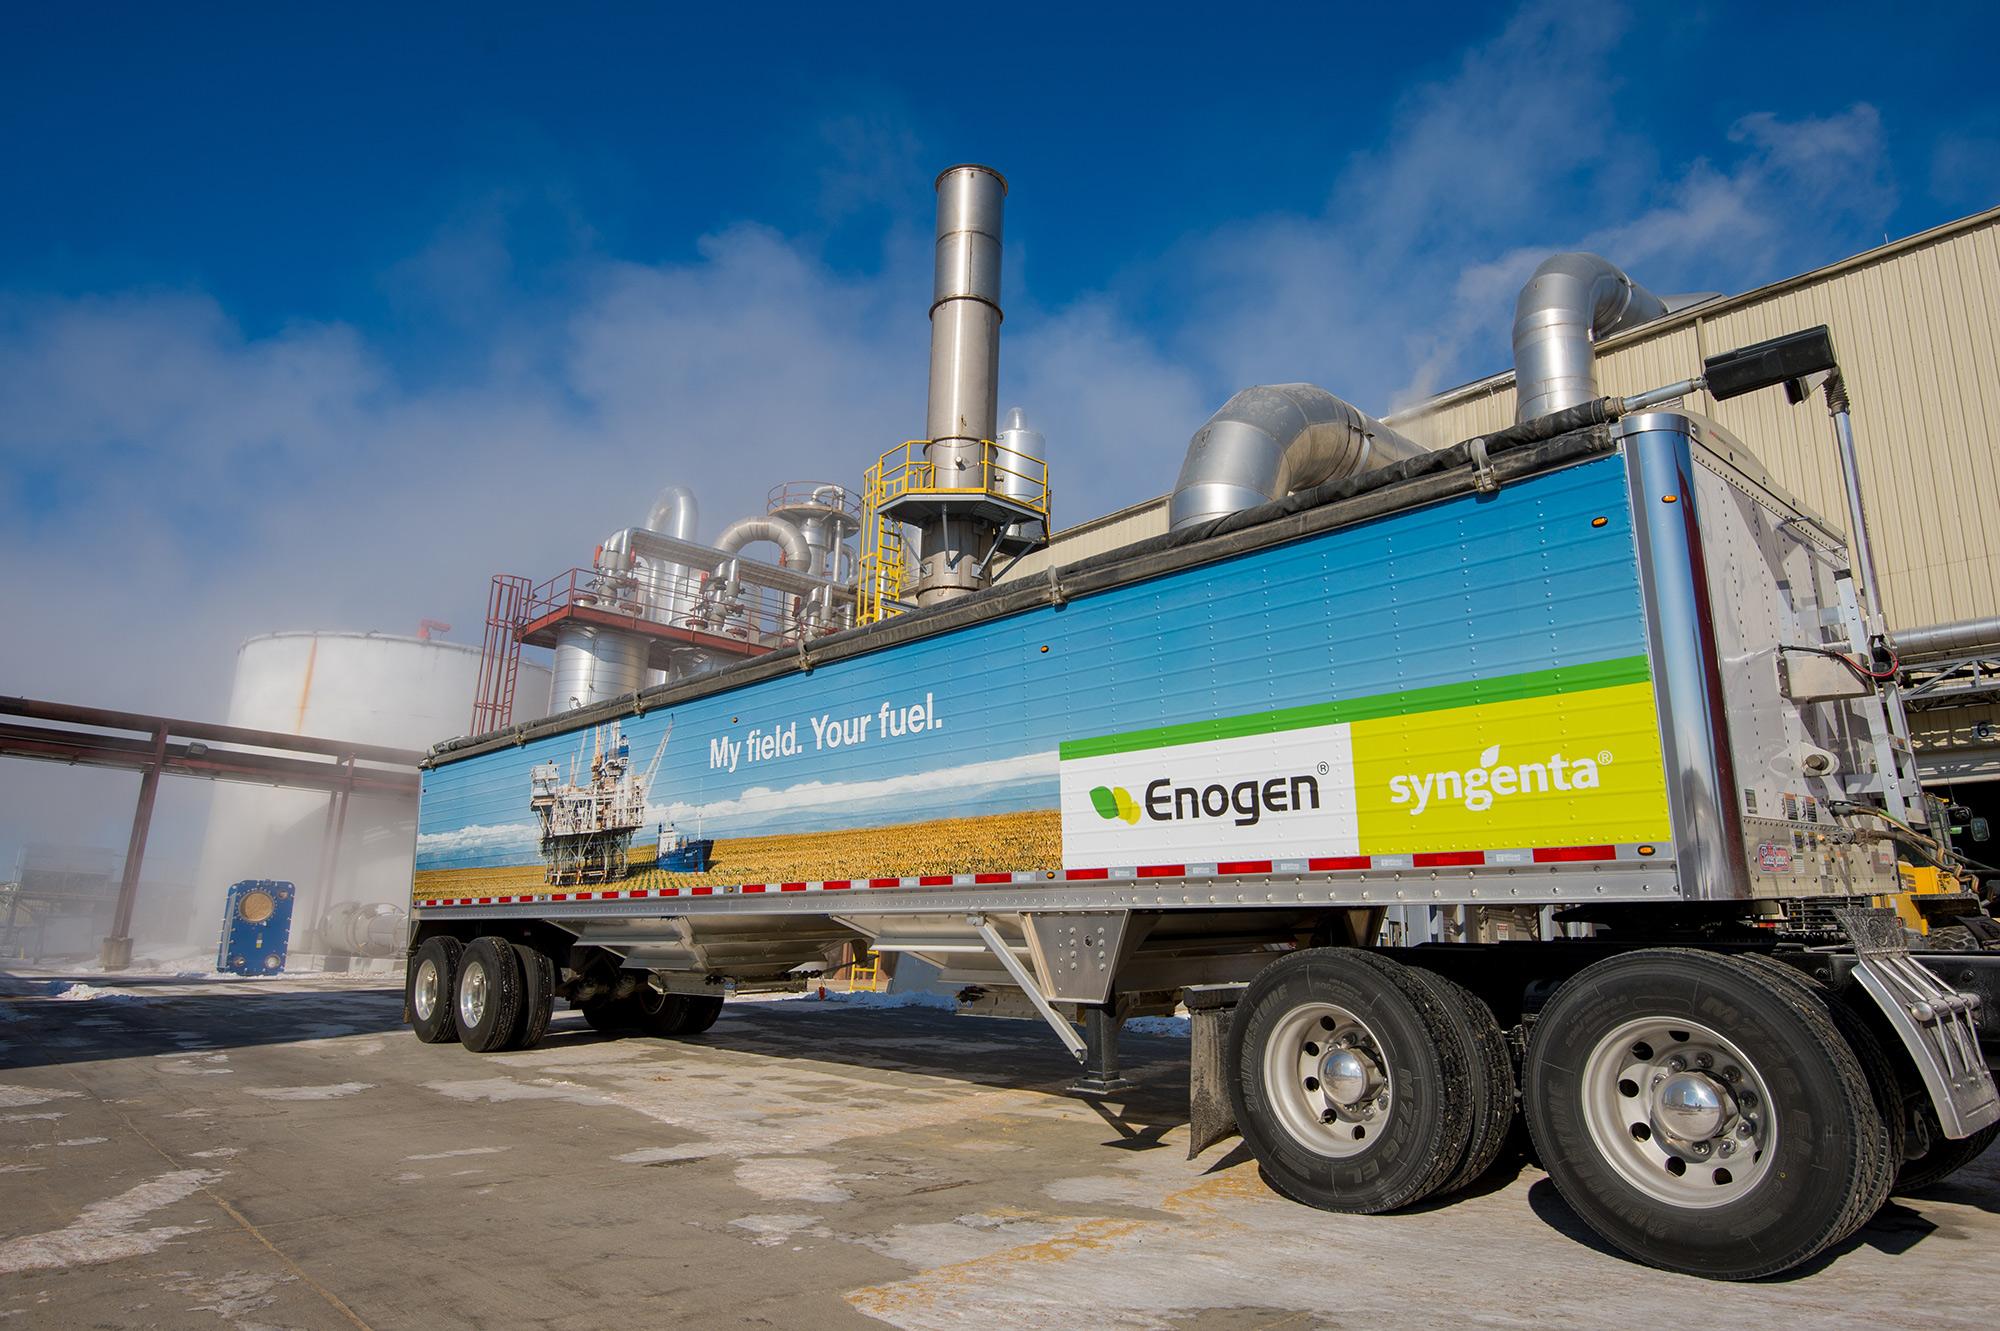 syngenta secures 30 ethanol plants for enogen corn